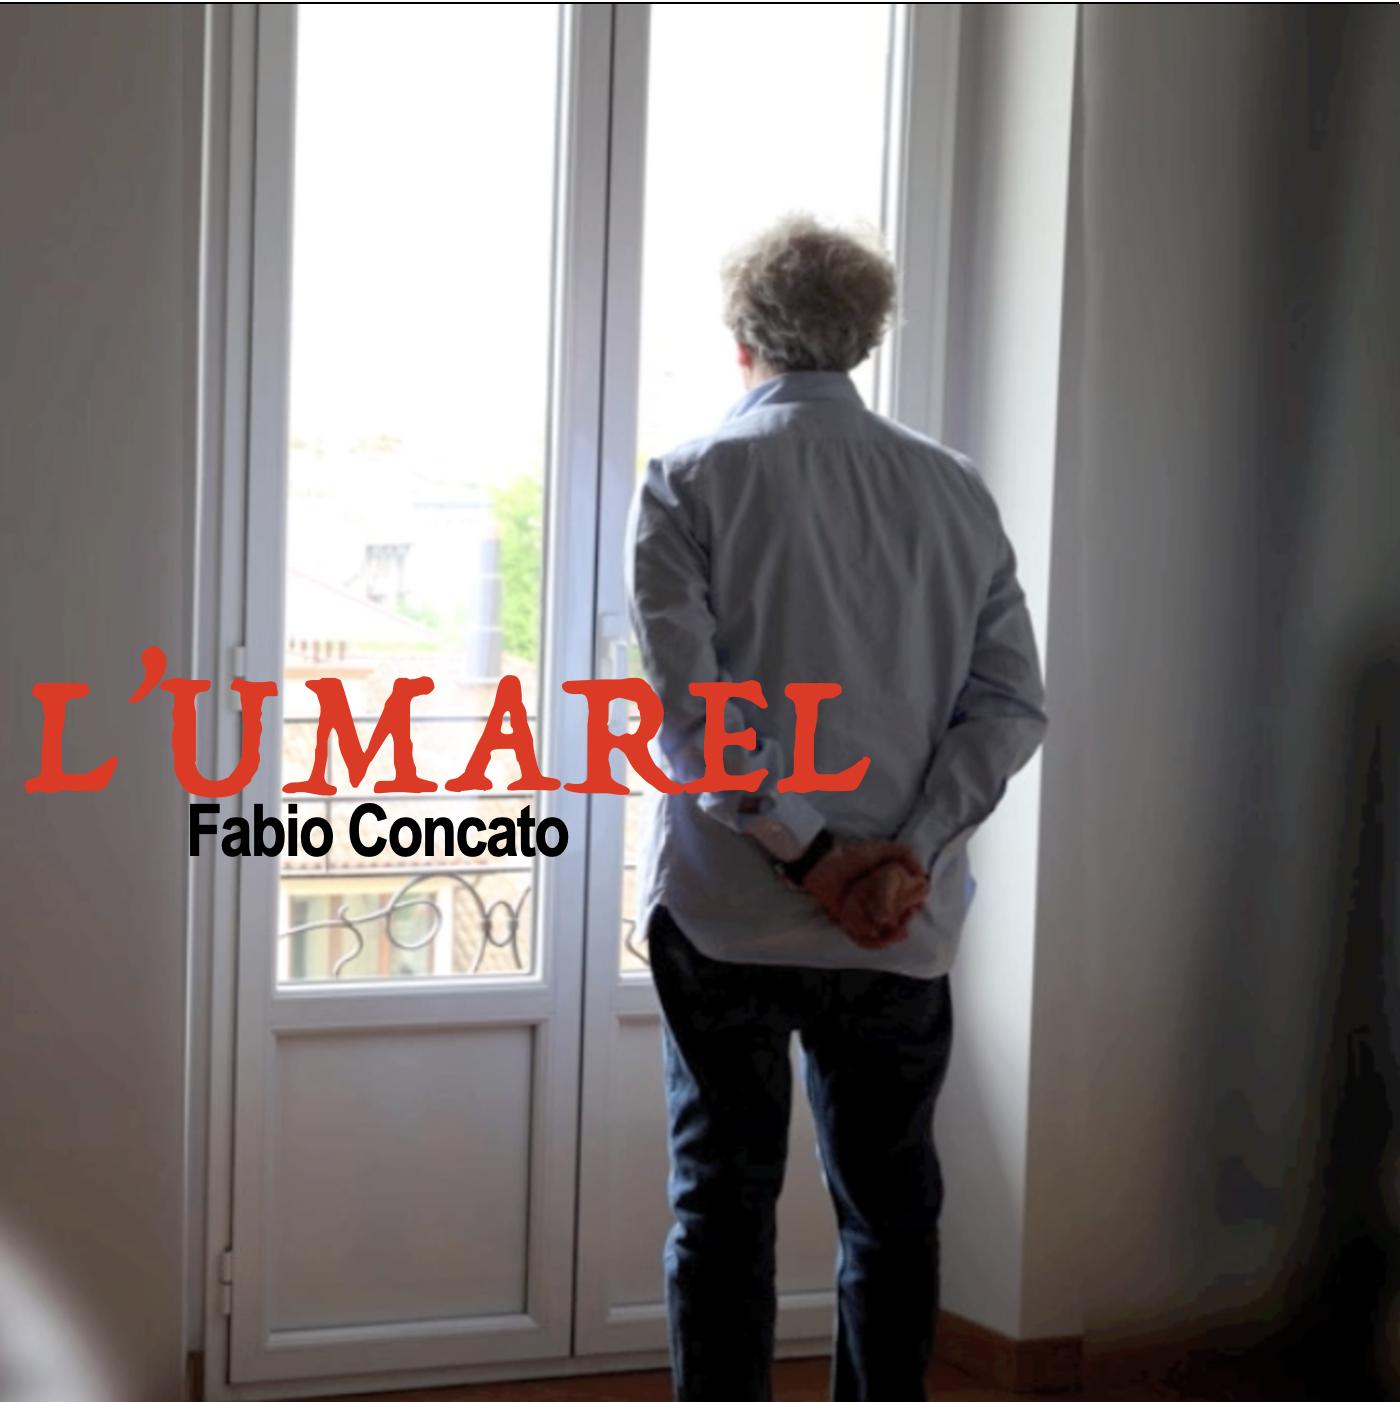 L'Umarell story: Comunicato stampa - Fabio Concato L'Umarell